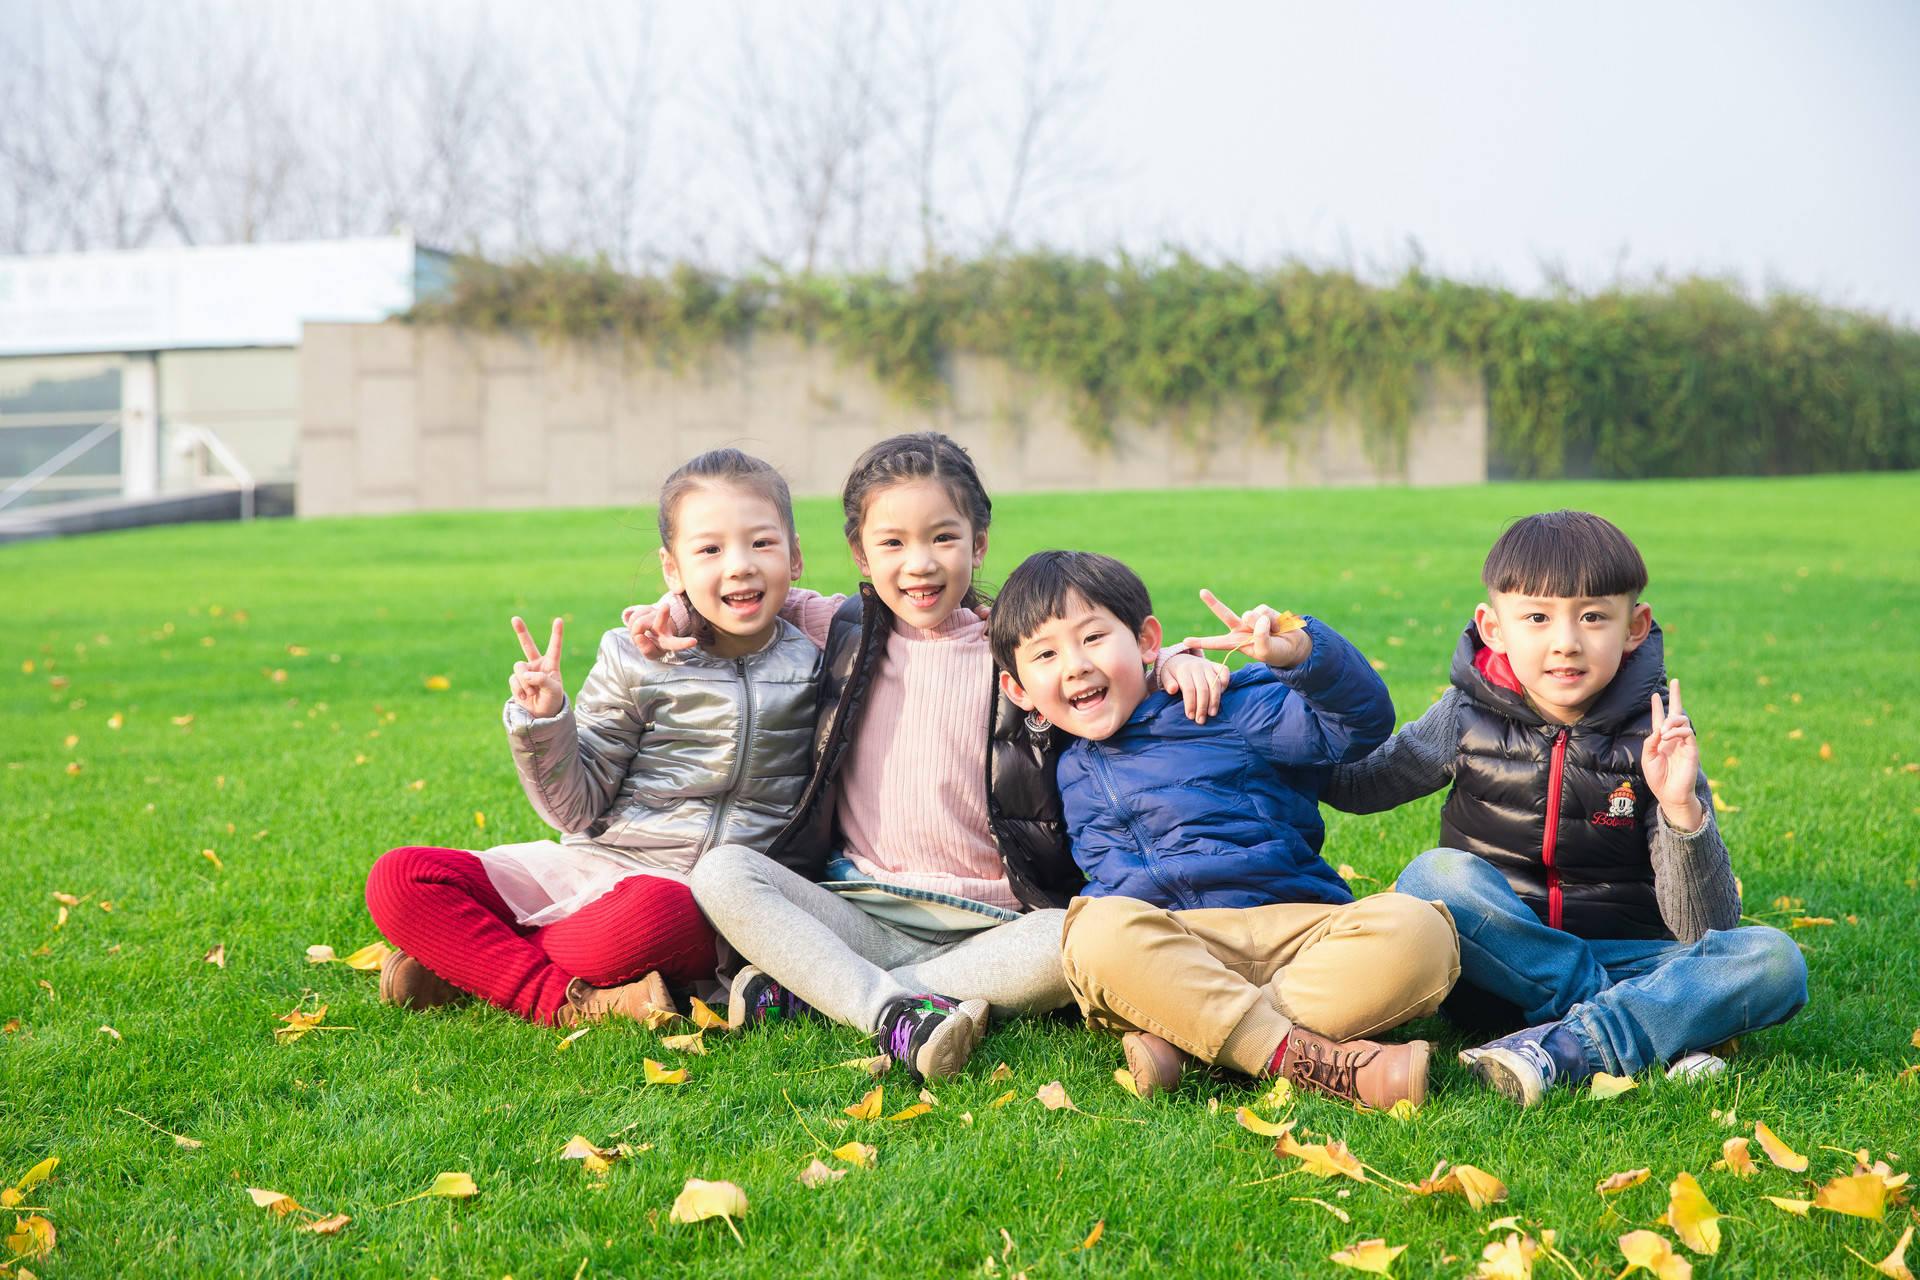 孩子社交能力强,发展更占优势,幼儿园阶段是社交能力培养关键期